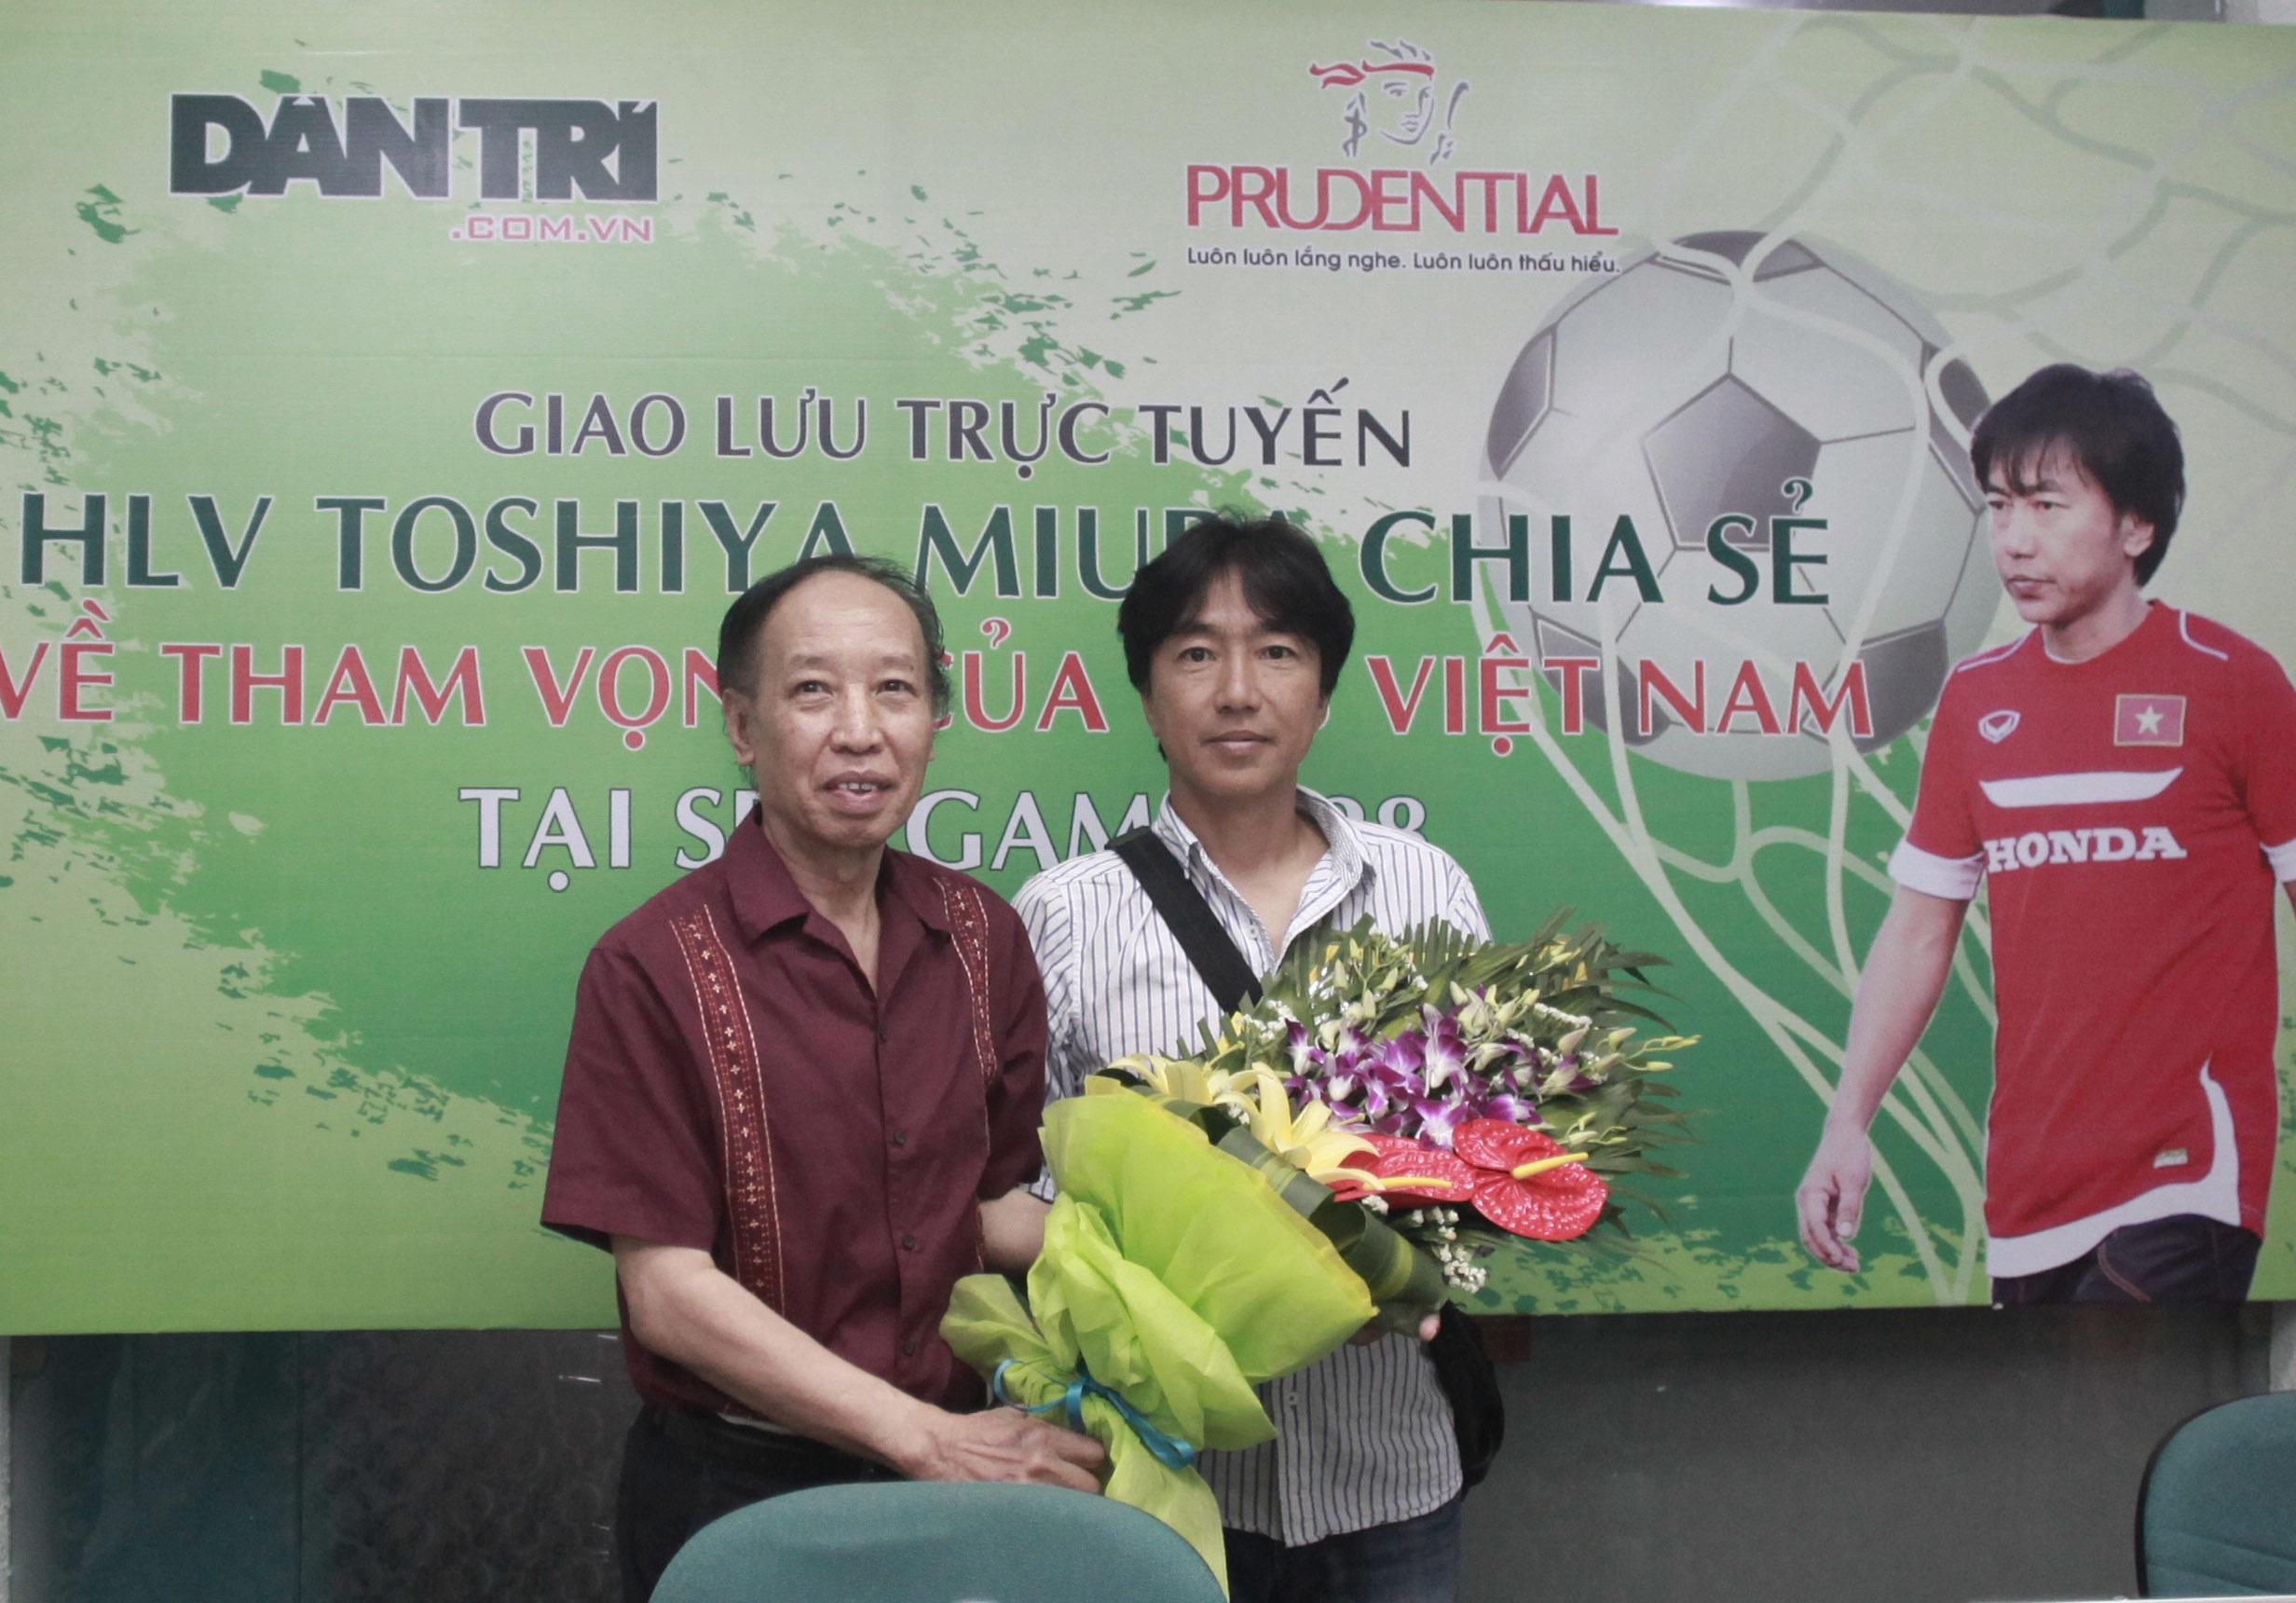 TBT báo điện tử Dân trí Phạm Huy Hoàn tặng hoa cho HLV Miura